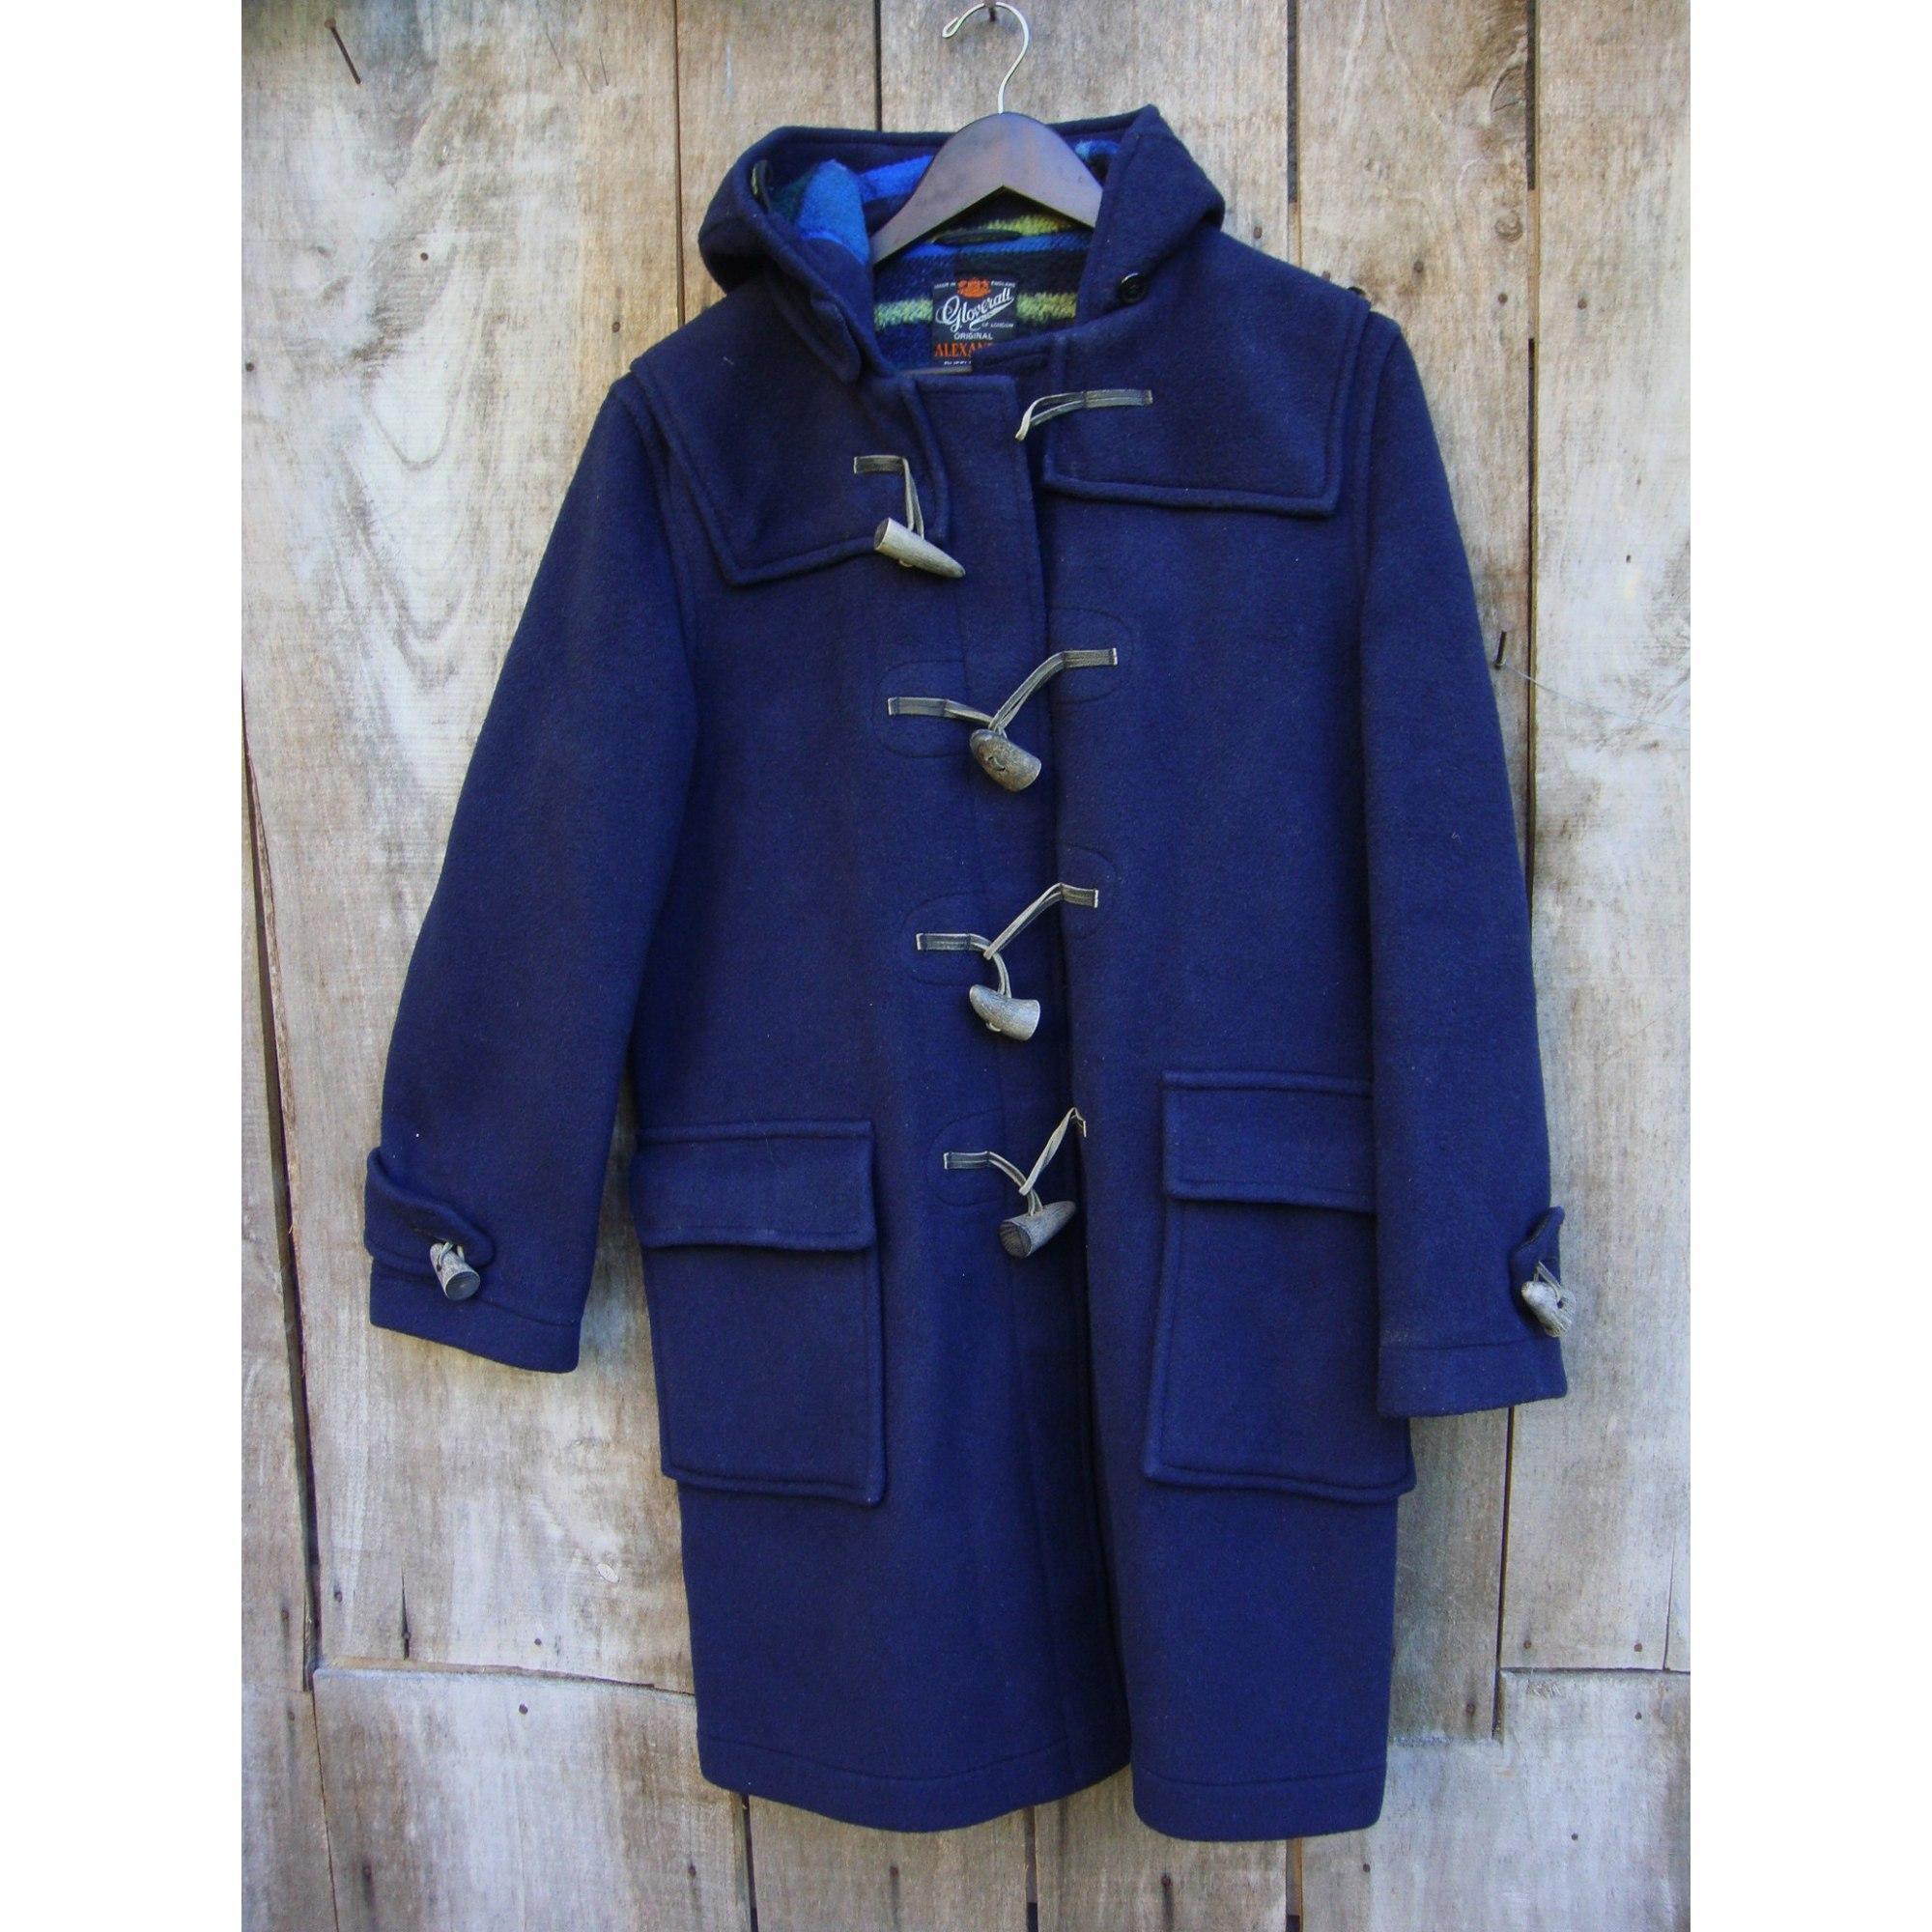 Duffle coat femme : comparer les prix de ce manteau avec le